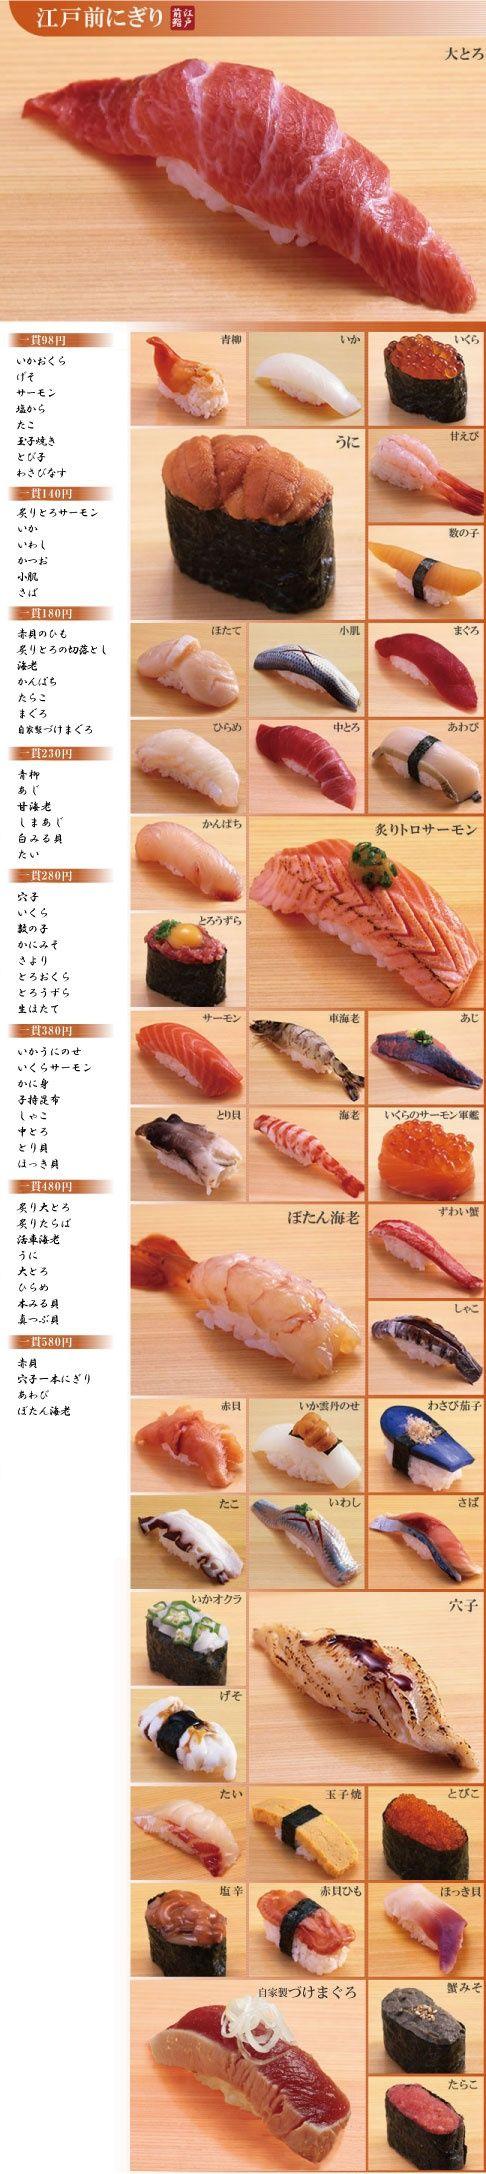 寿司メニュー #sushi #寿司